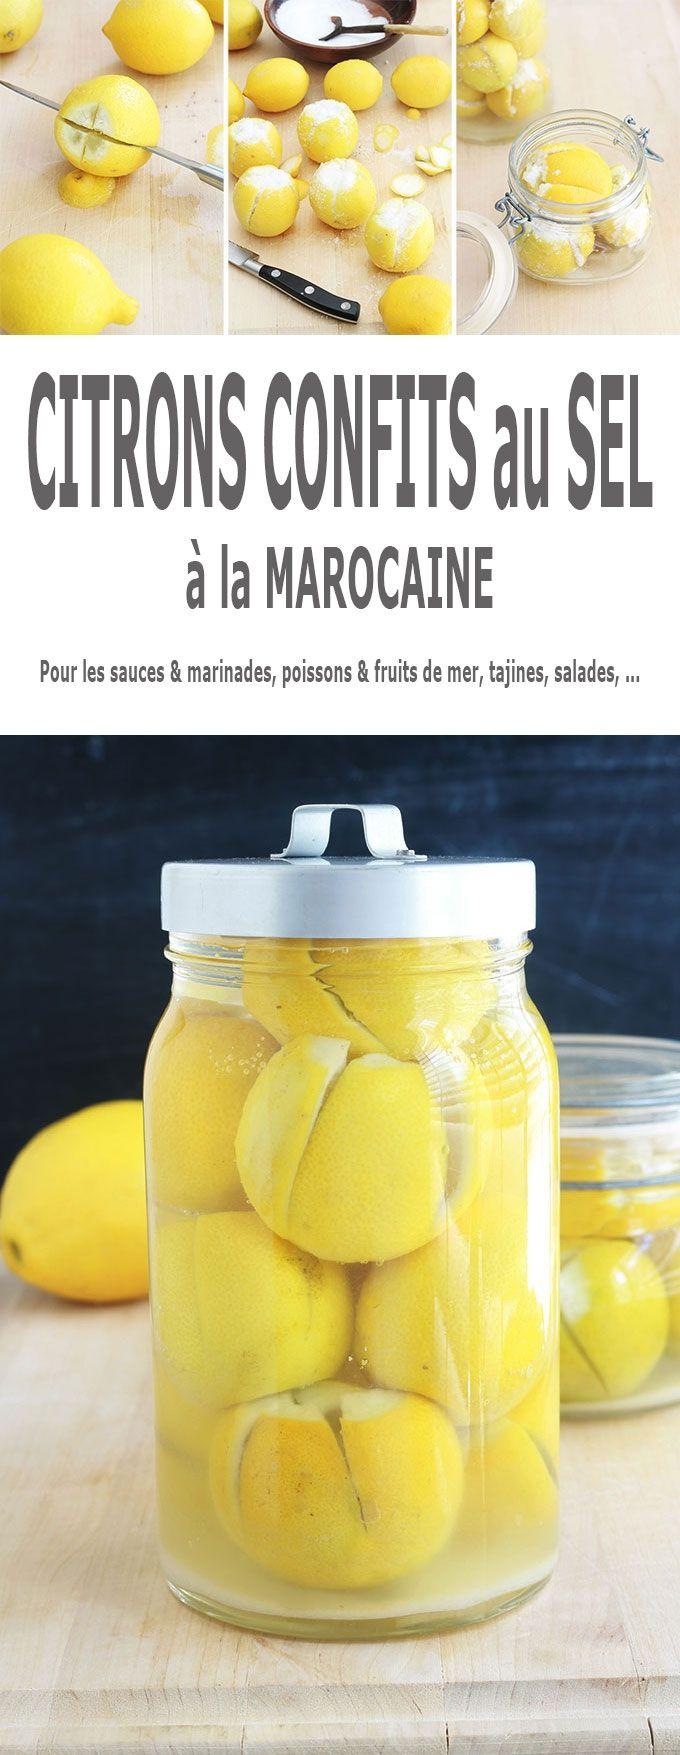 Citrons confits salés fait maison | Recette | Recette ...